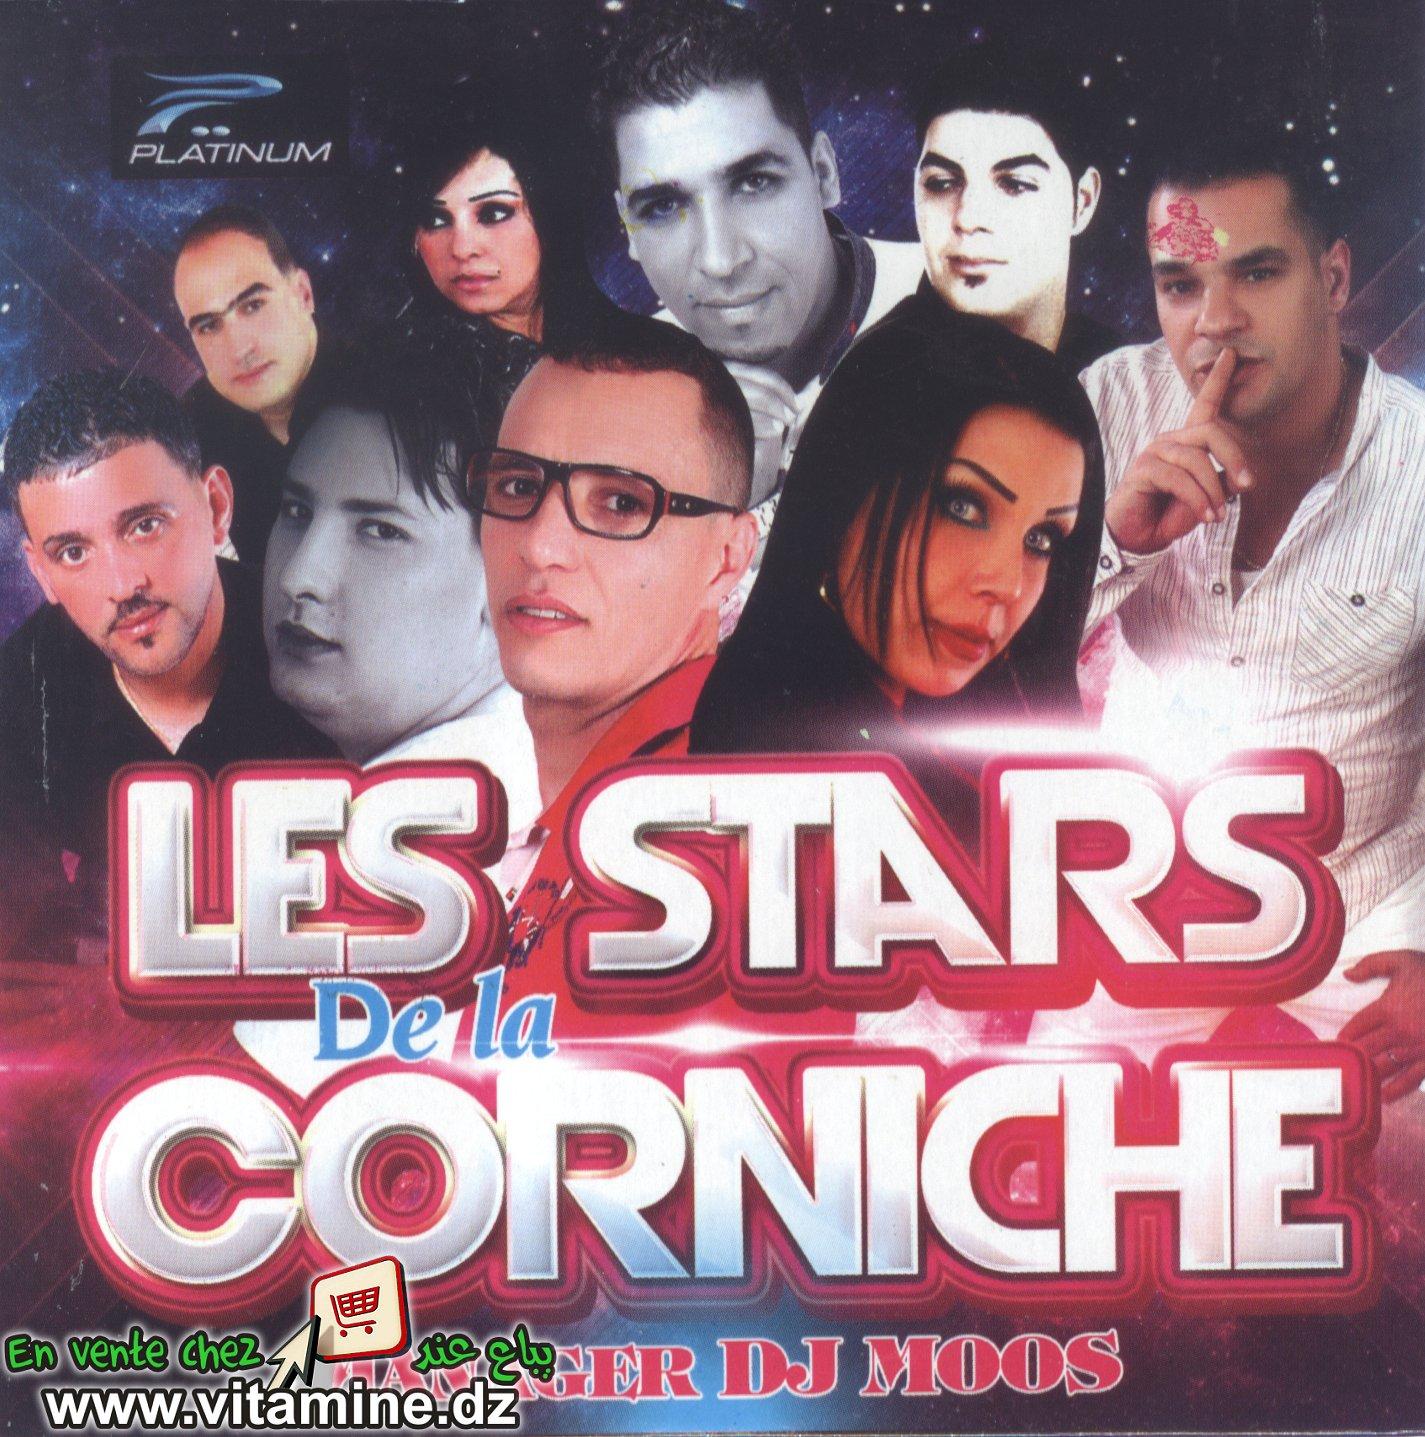 Les stars de la Corniche